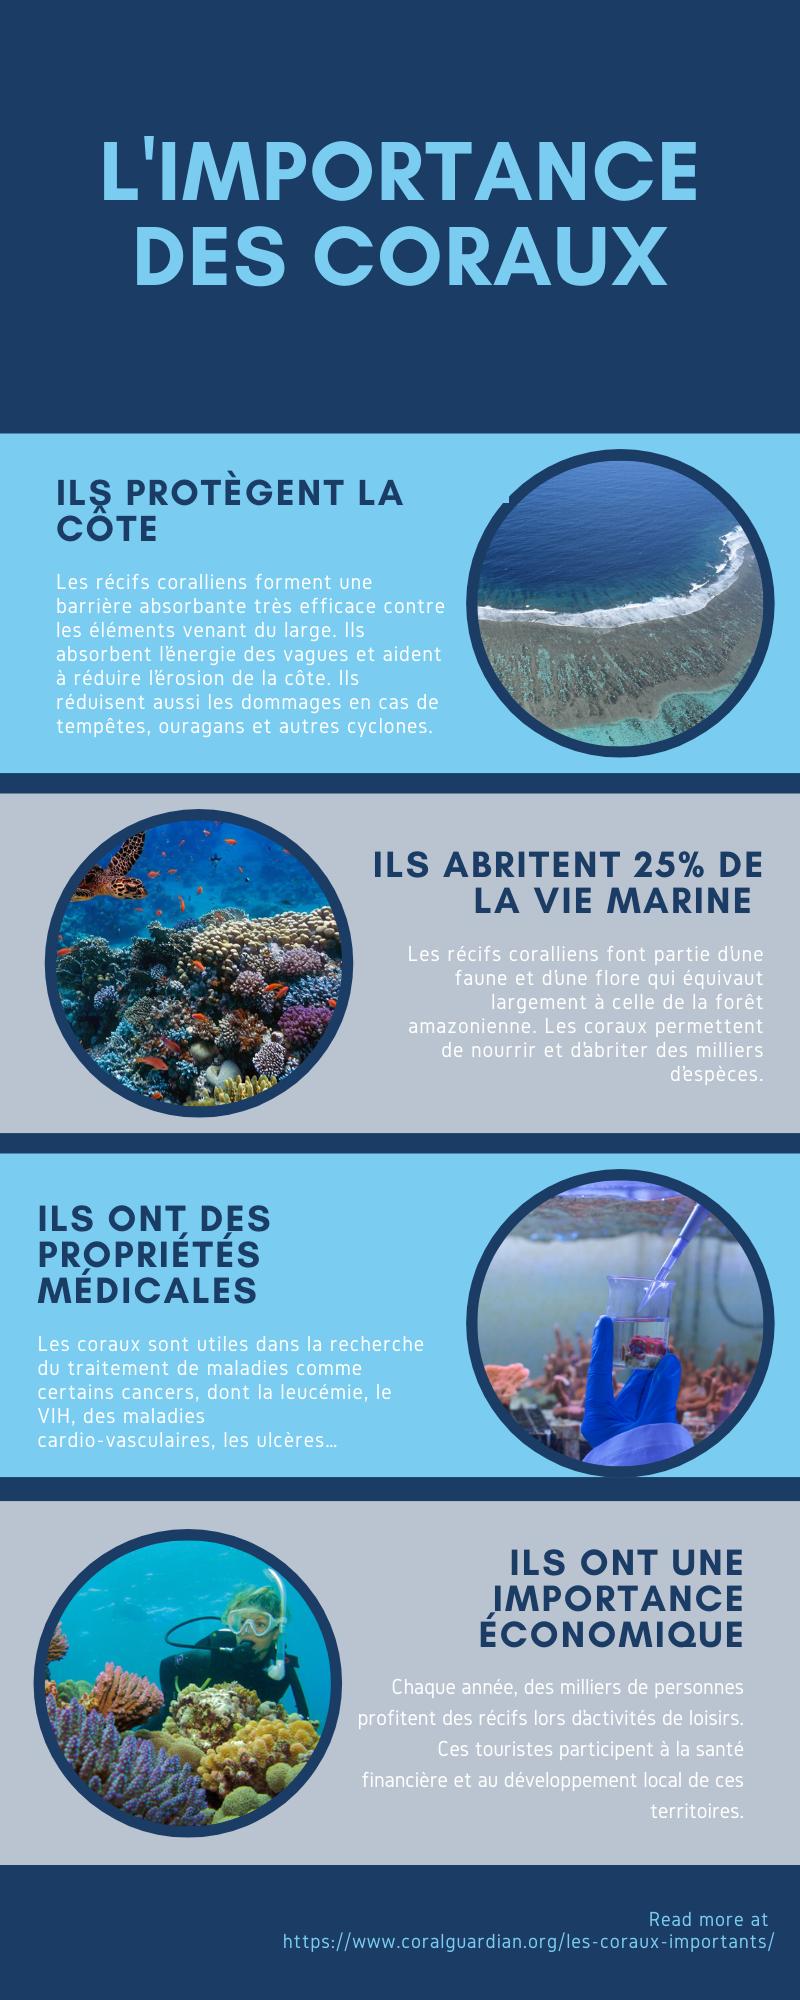 L'importance des coraux